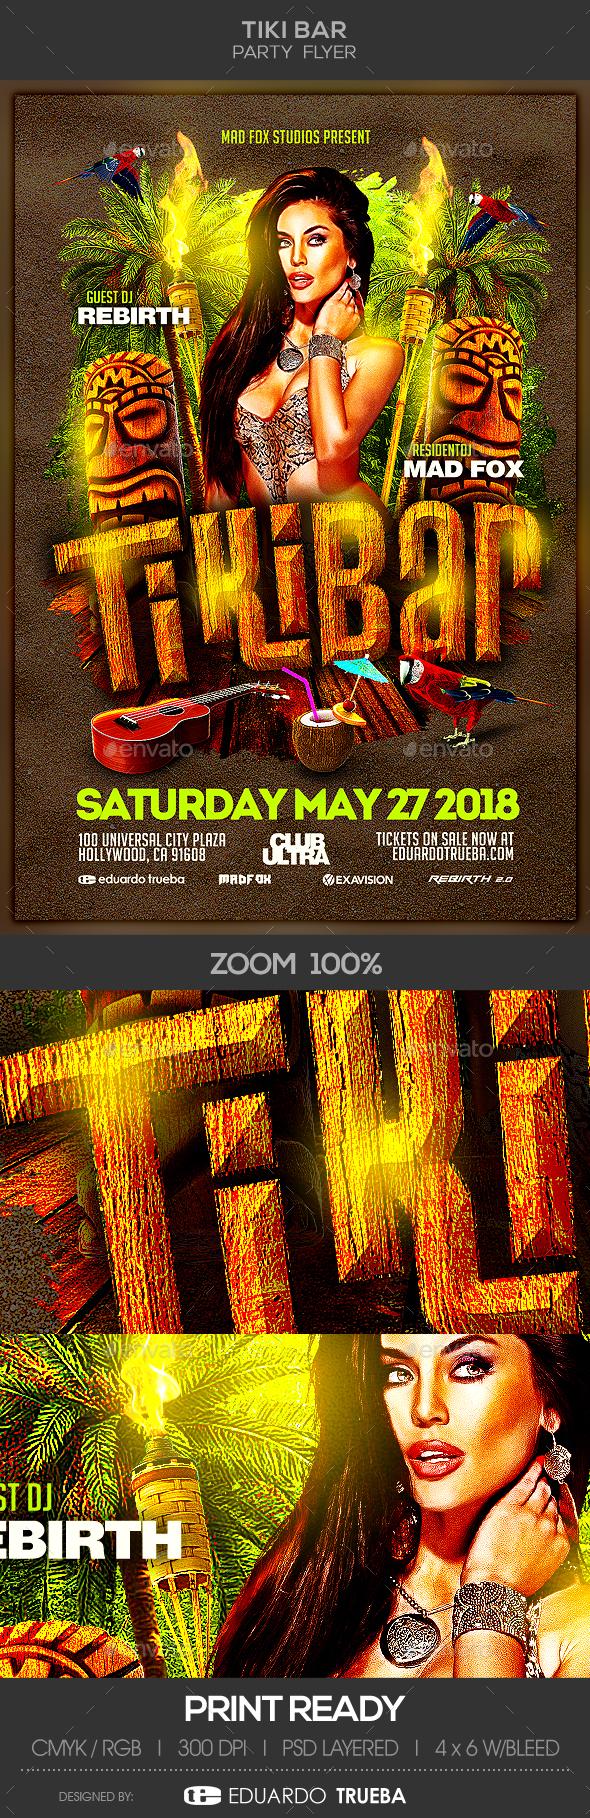 Tiki Bar Party Flyer - Events Flyers